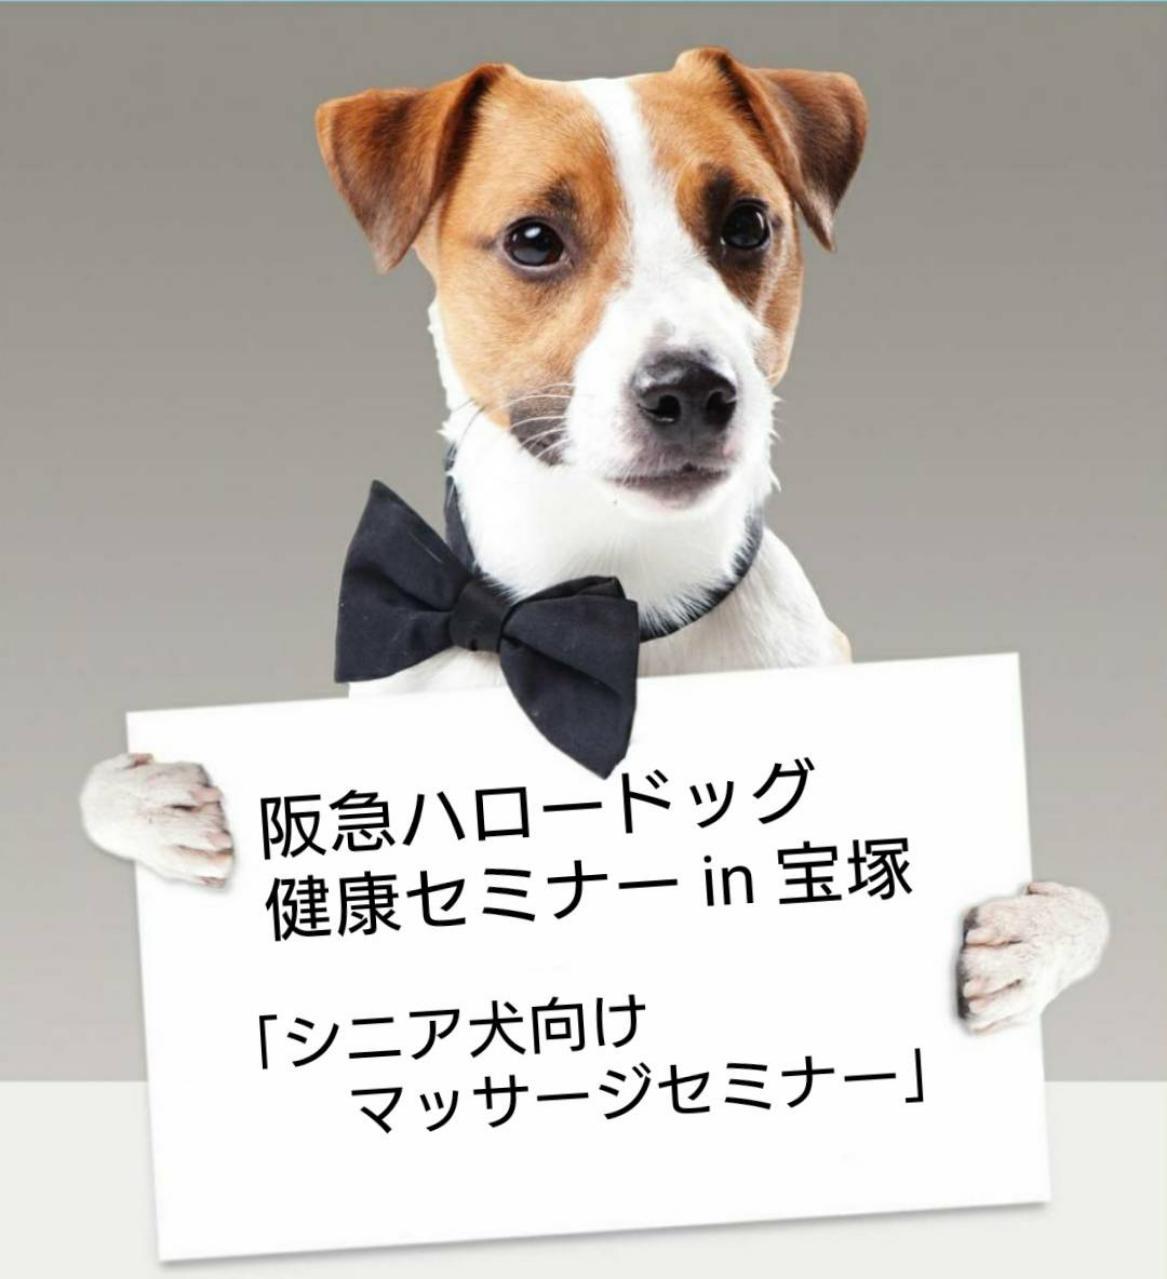 2021/9/18 宝塚 健康セミナー「シニア犬向けマッサージセミナー」